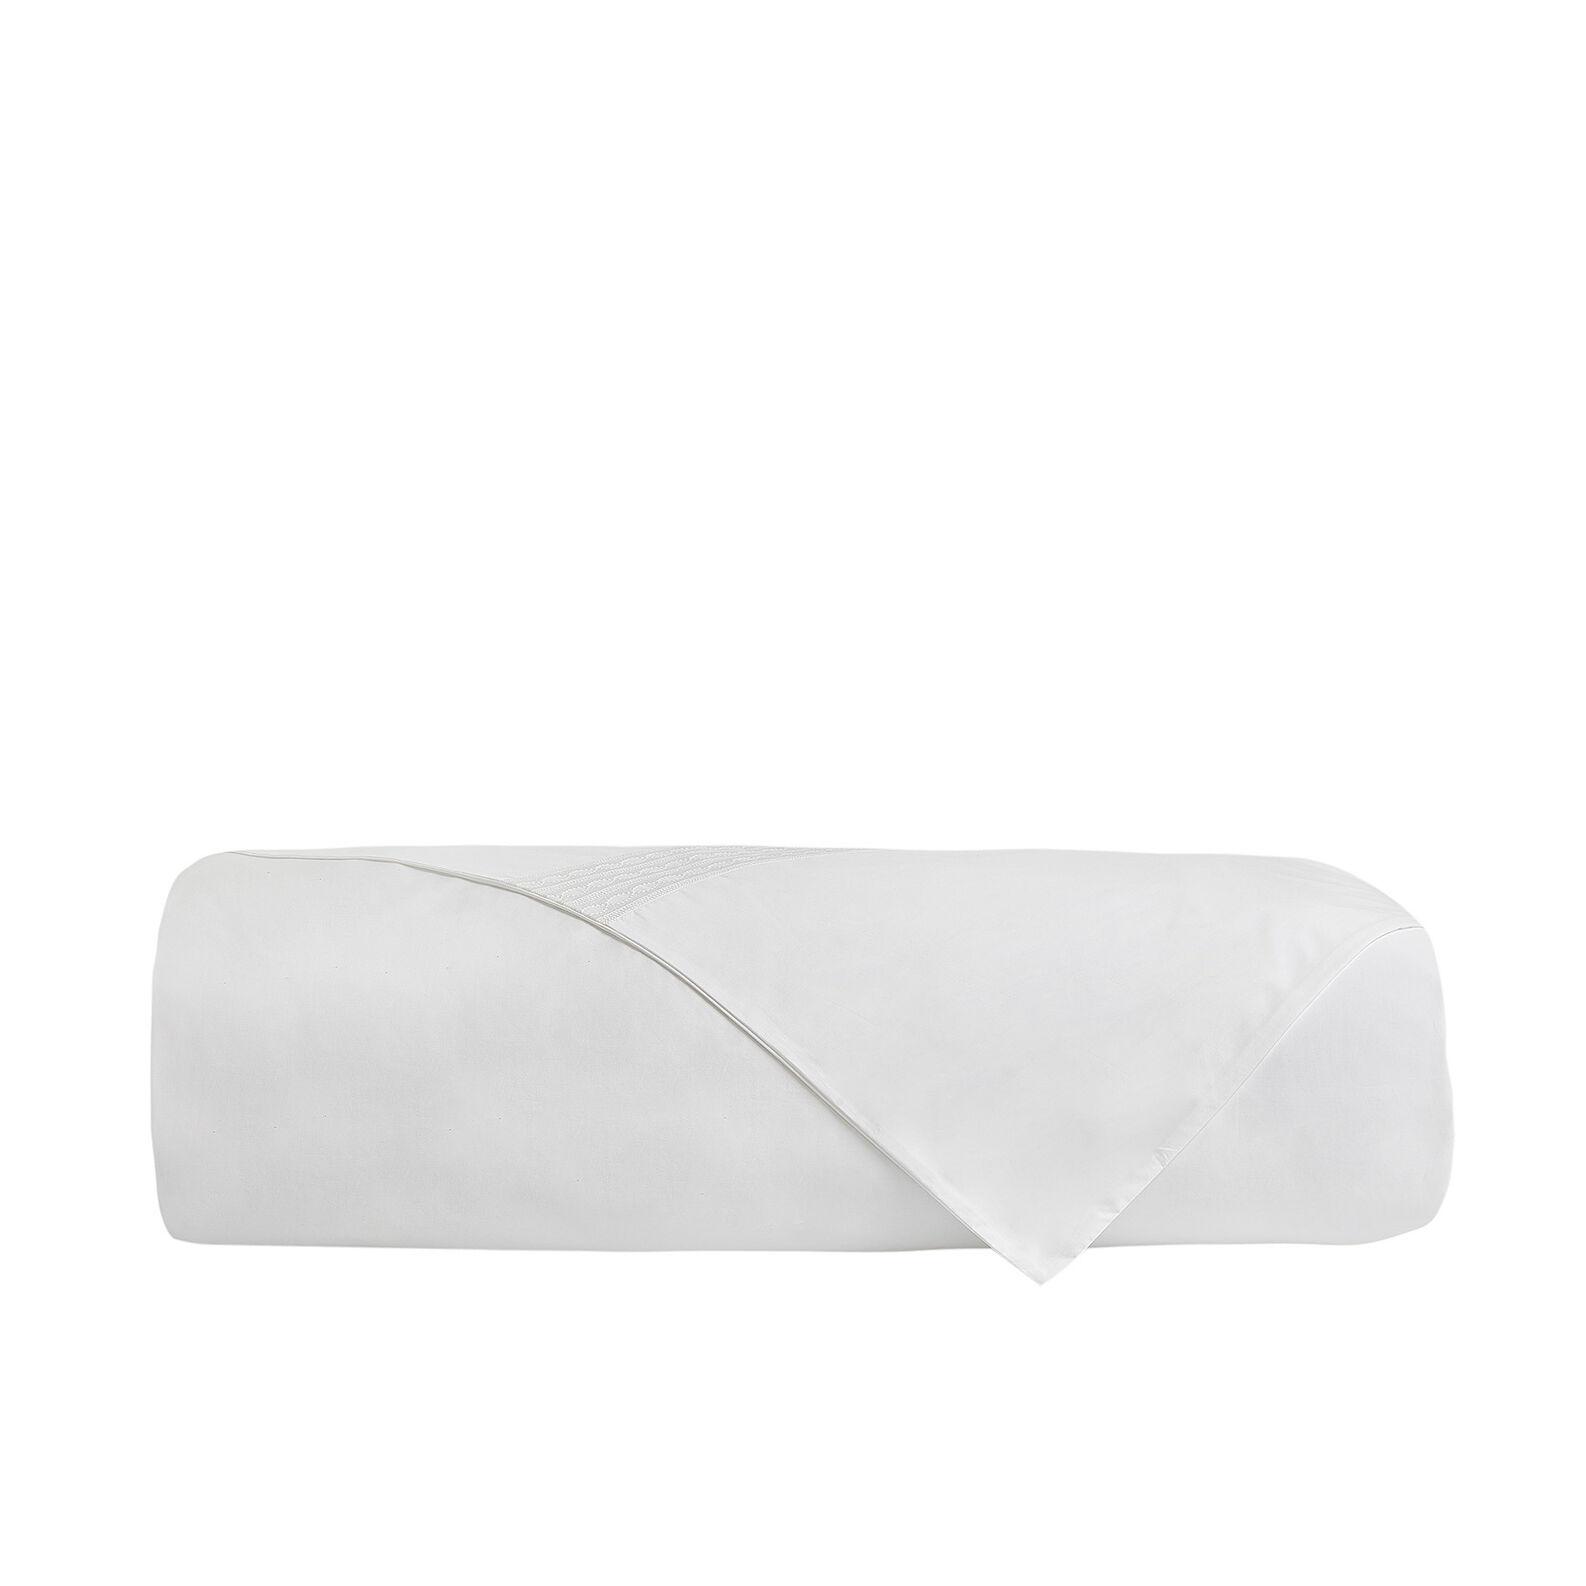 Portofino 100% cotton duvet cover with embroidered trim